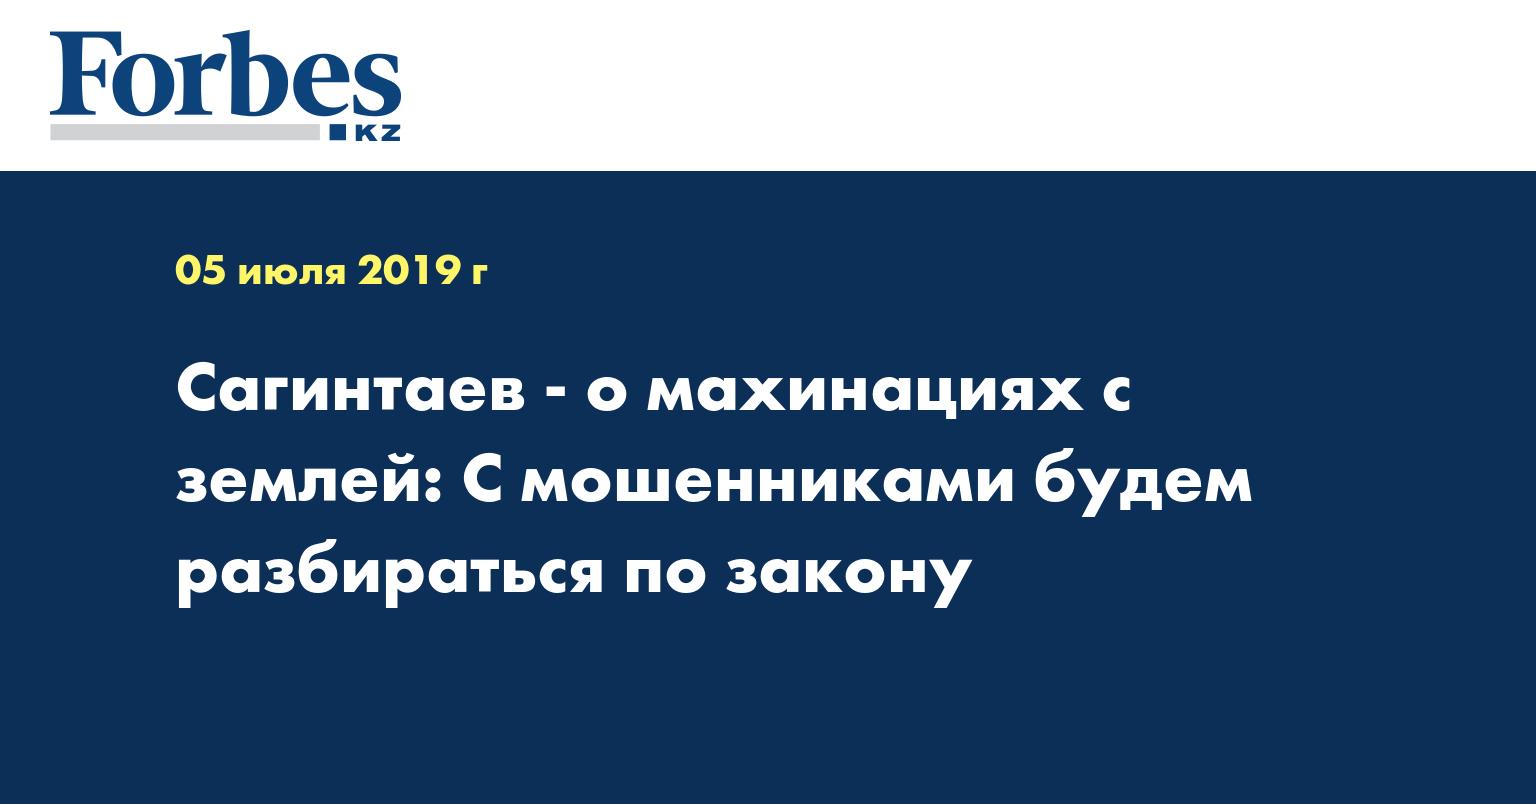 Сагинтаев - о махинациях с землей: С мошенниками будем разбираться по закону